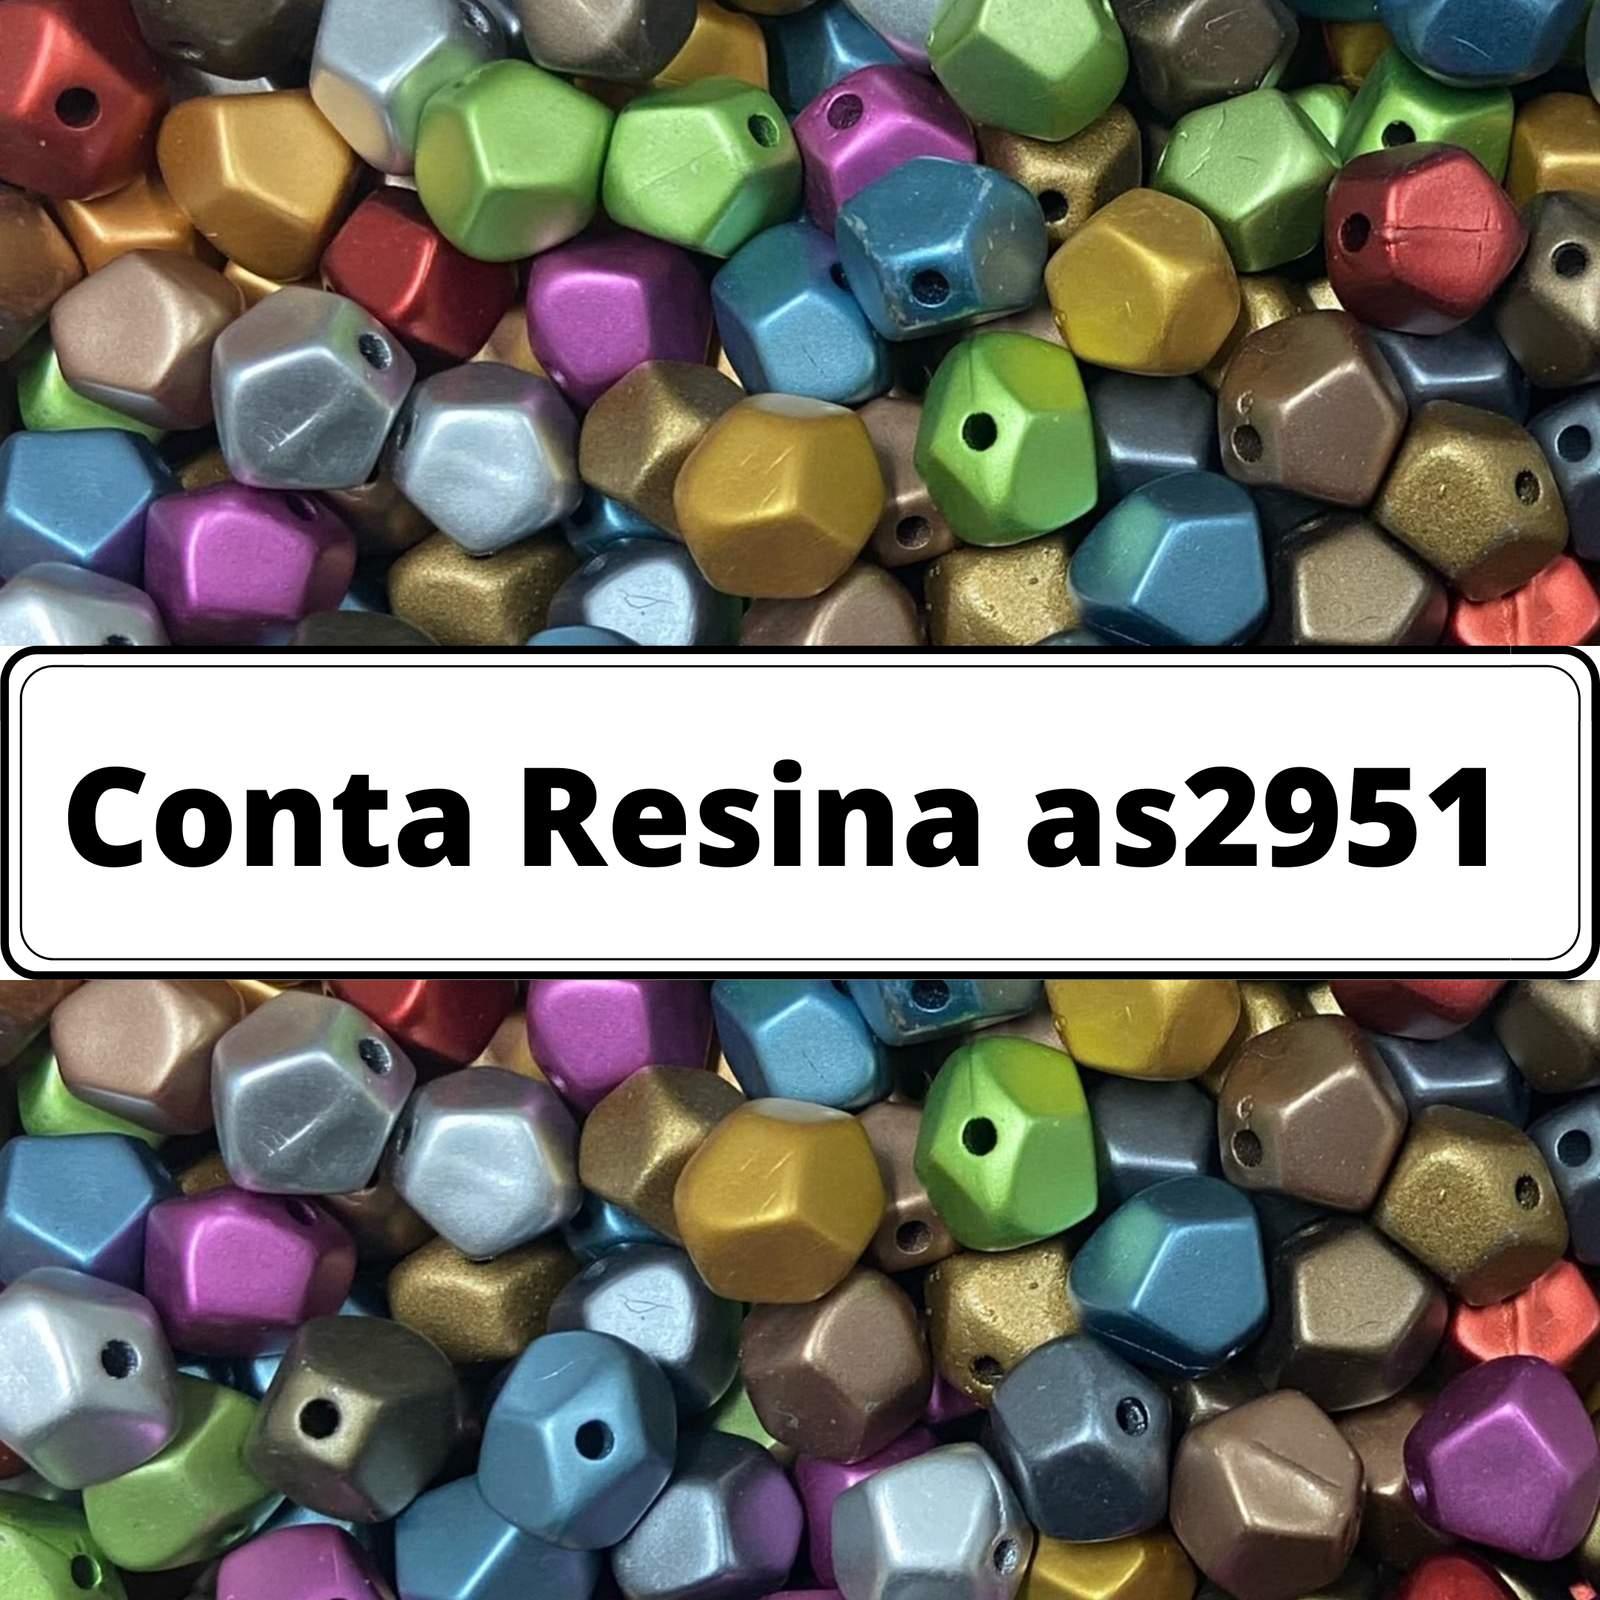 Conta de Resina 11mm as2951 - 500g